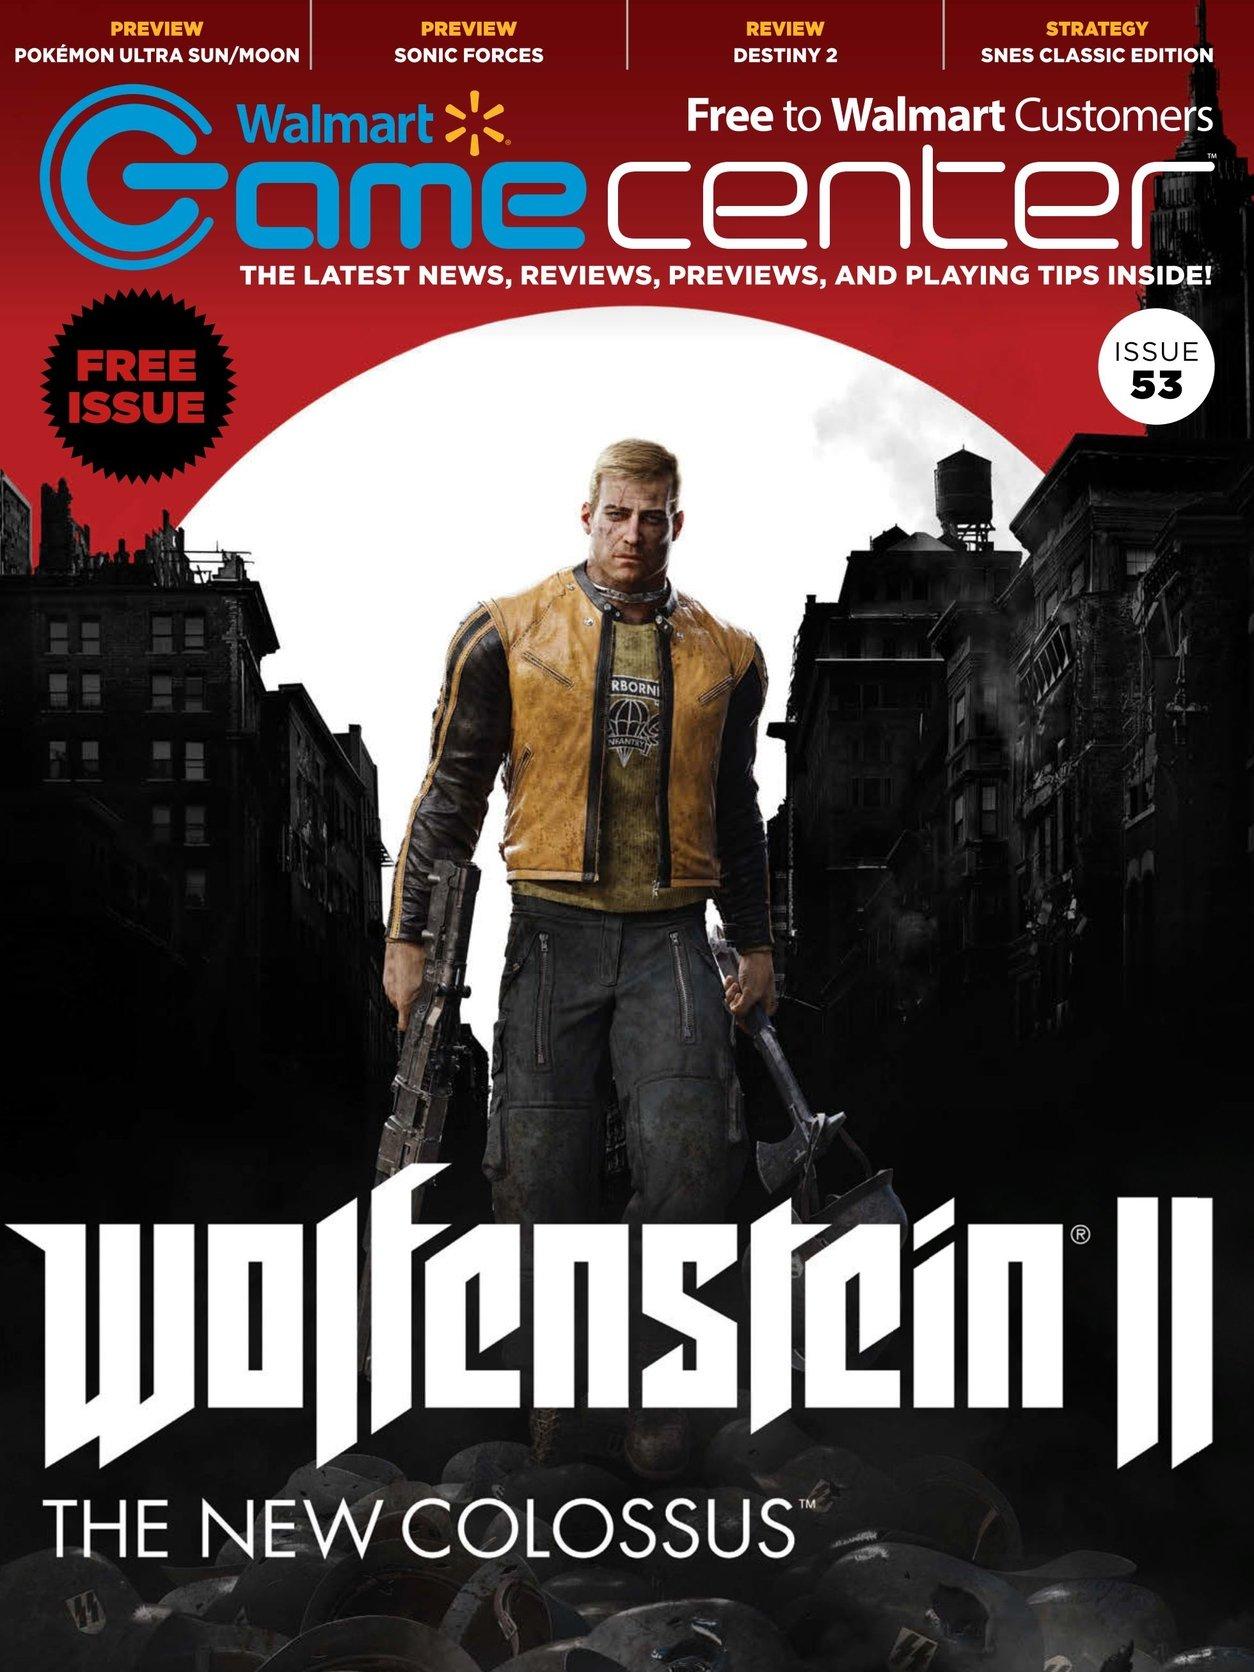 Walmart GameCenter Issue 053